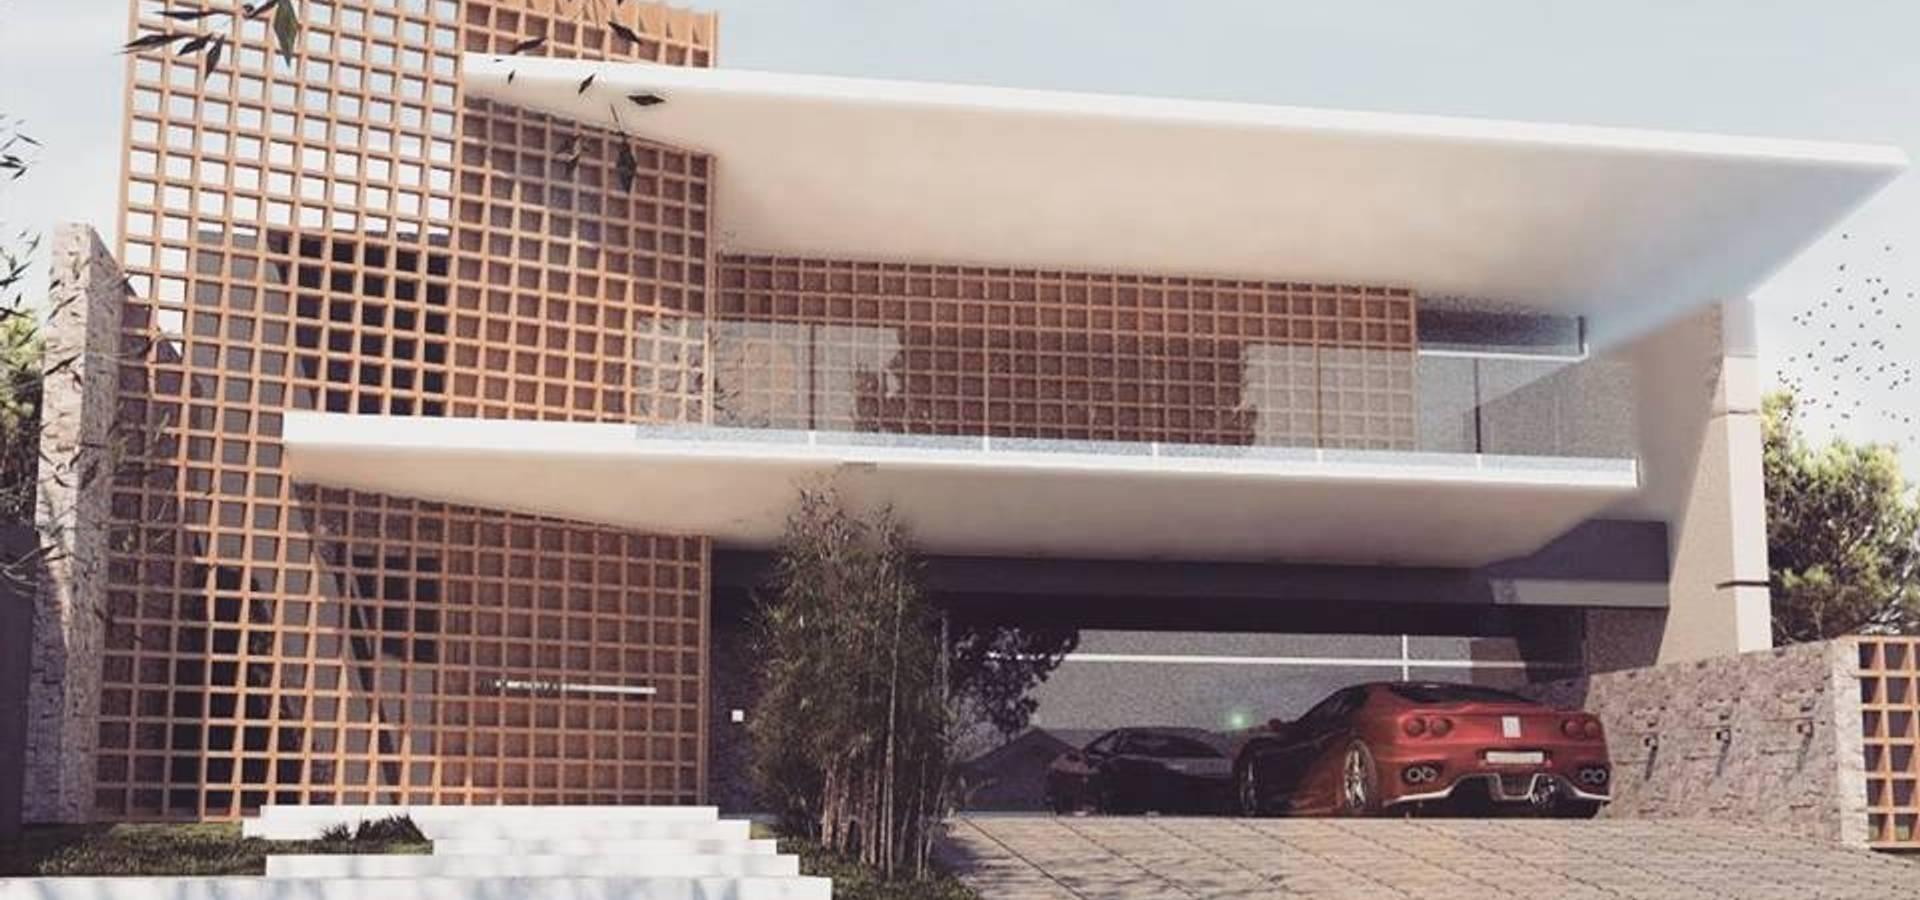 Métrica Arquitetura